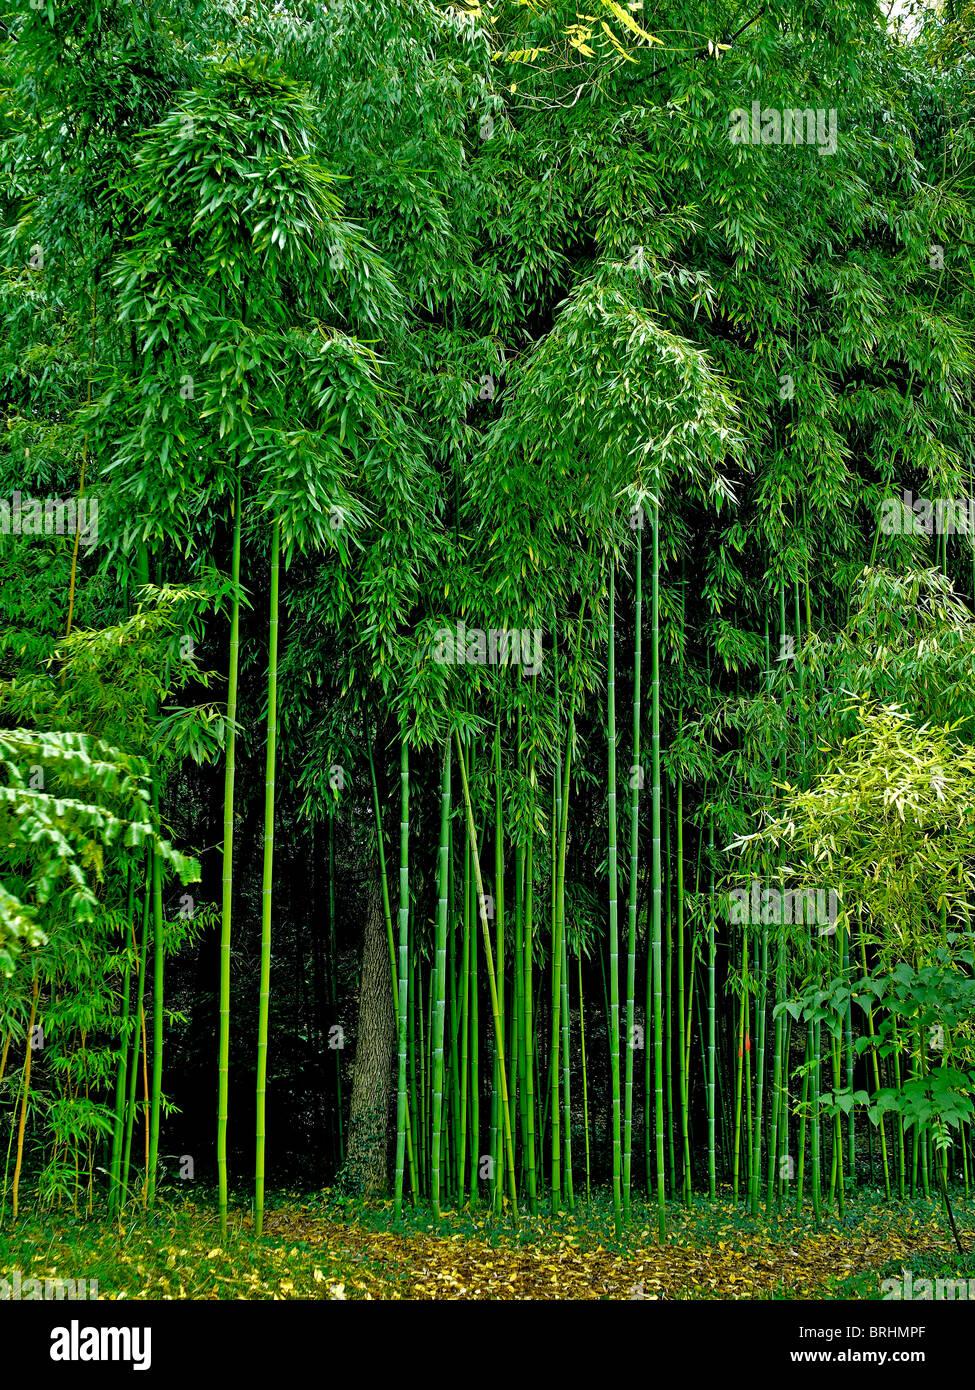 Das Erstaunliche Wachstum Von Bambus Phyllostachys Viridiglaucescens